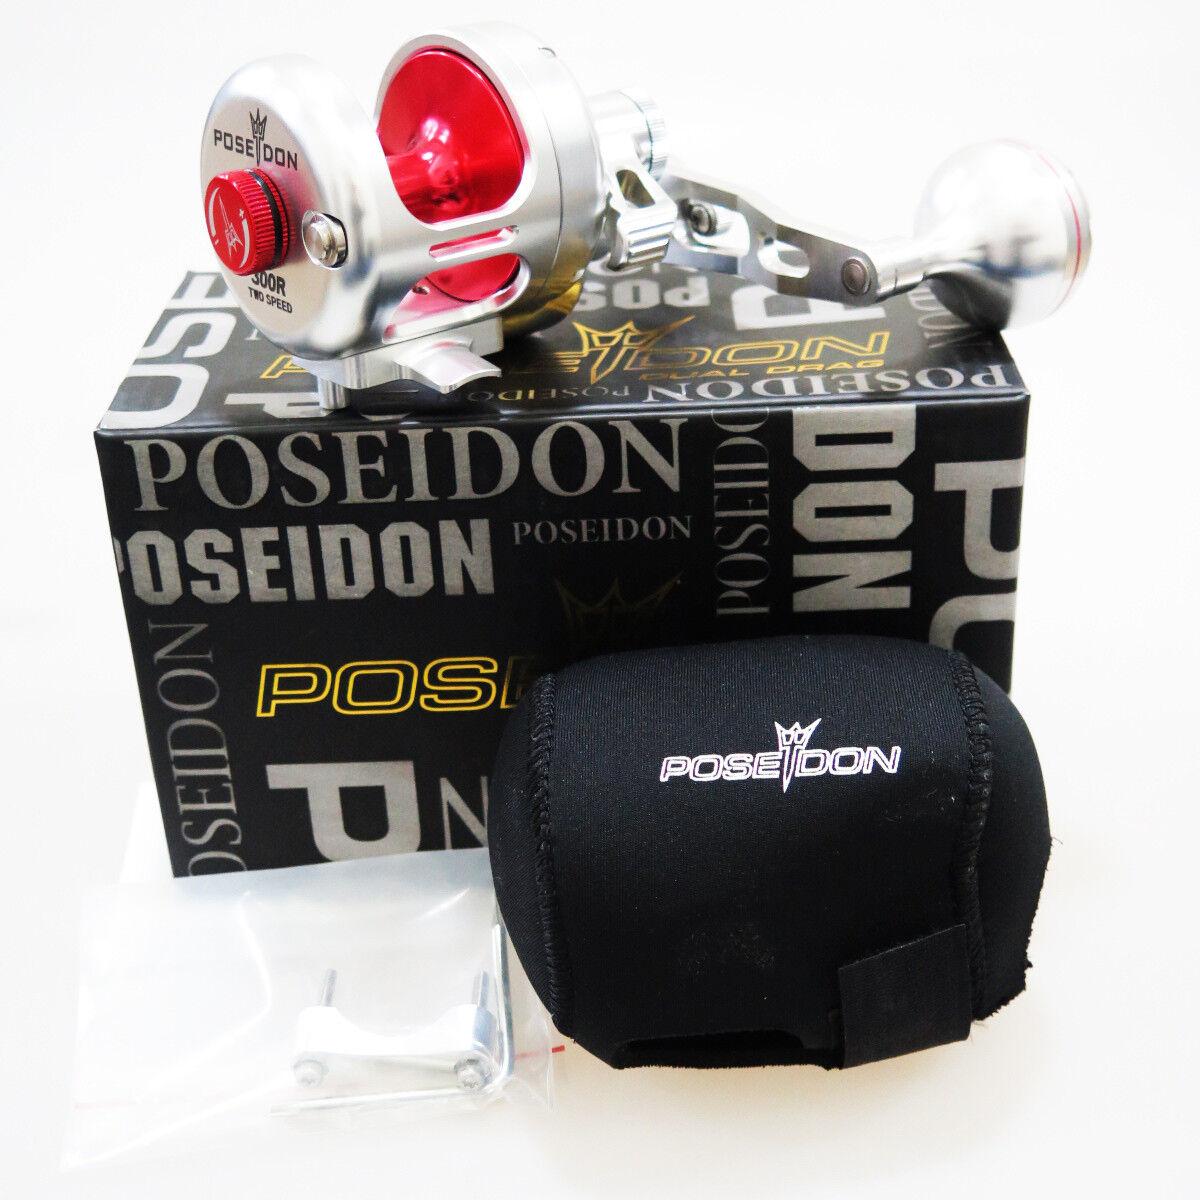 Poseidon 300R 2 velocidad de agua salada Cocherete derecho de plata rojo Prioridad FEDEX 2 días